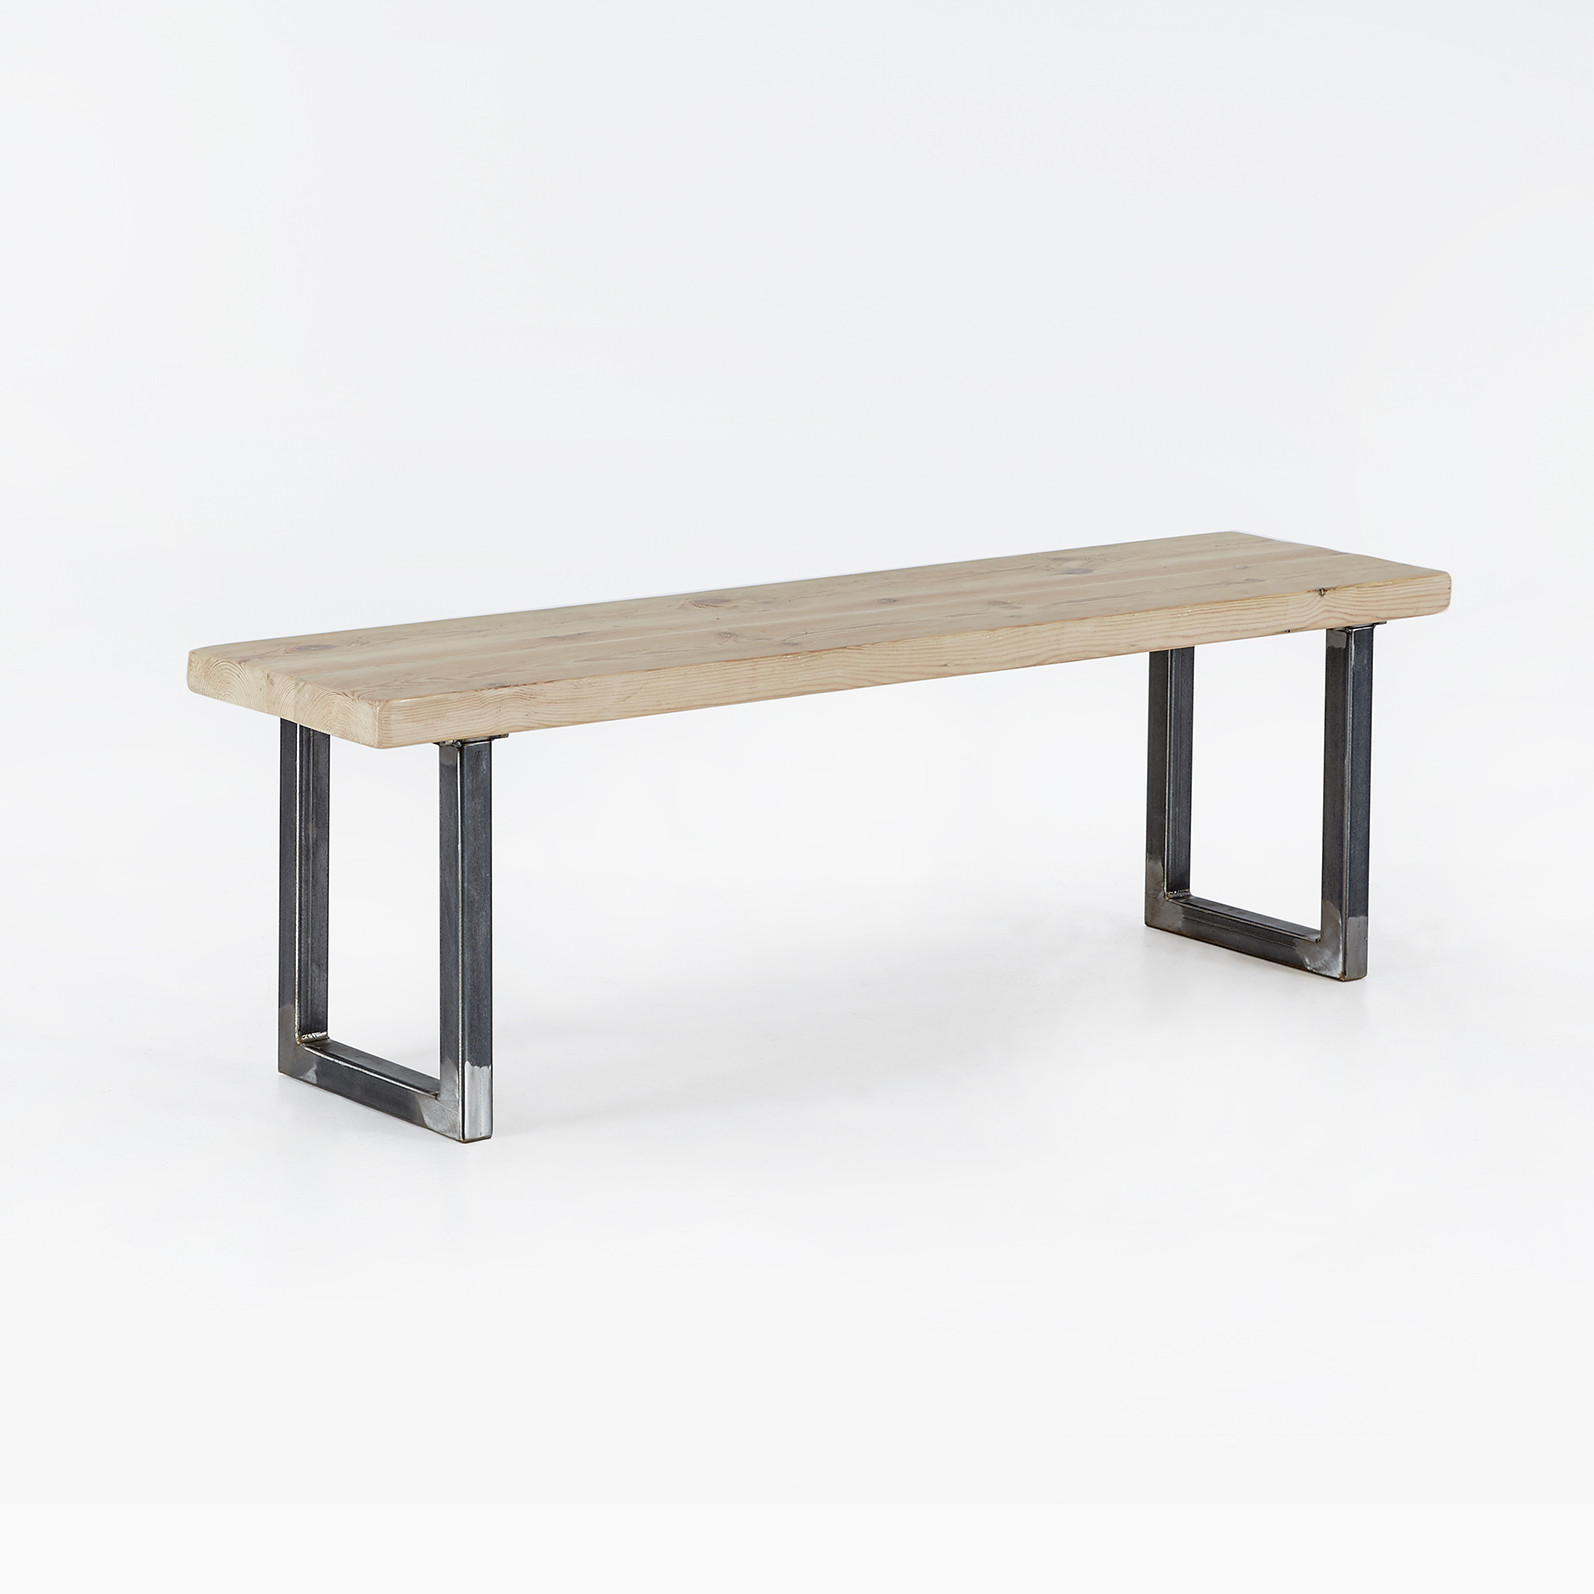 Matching Bench – U Base